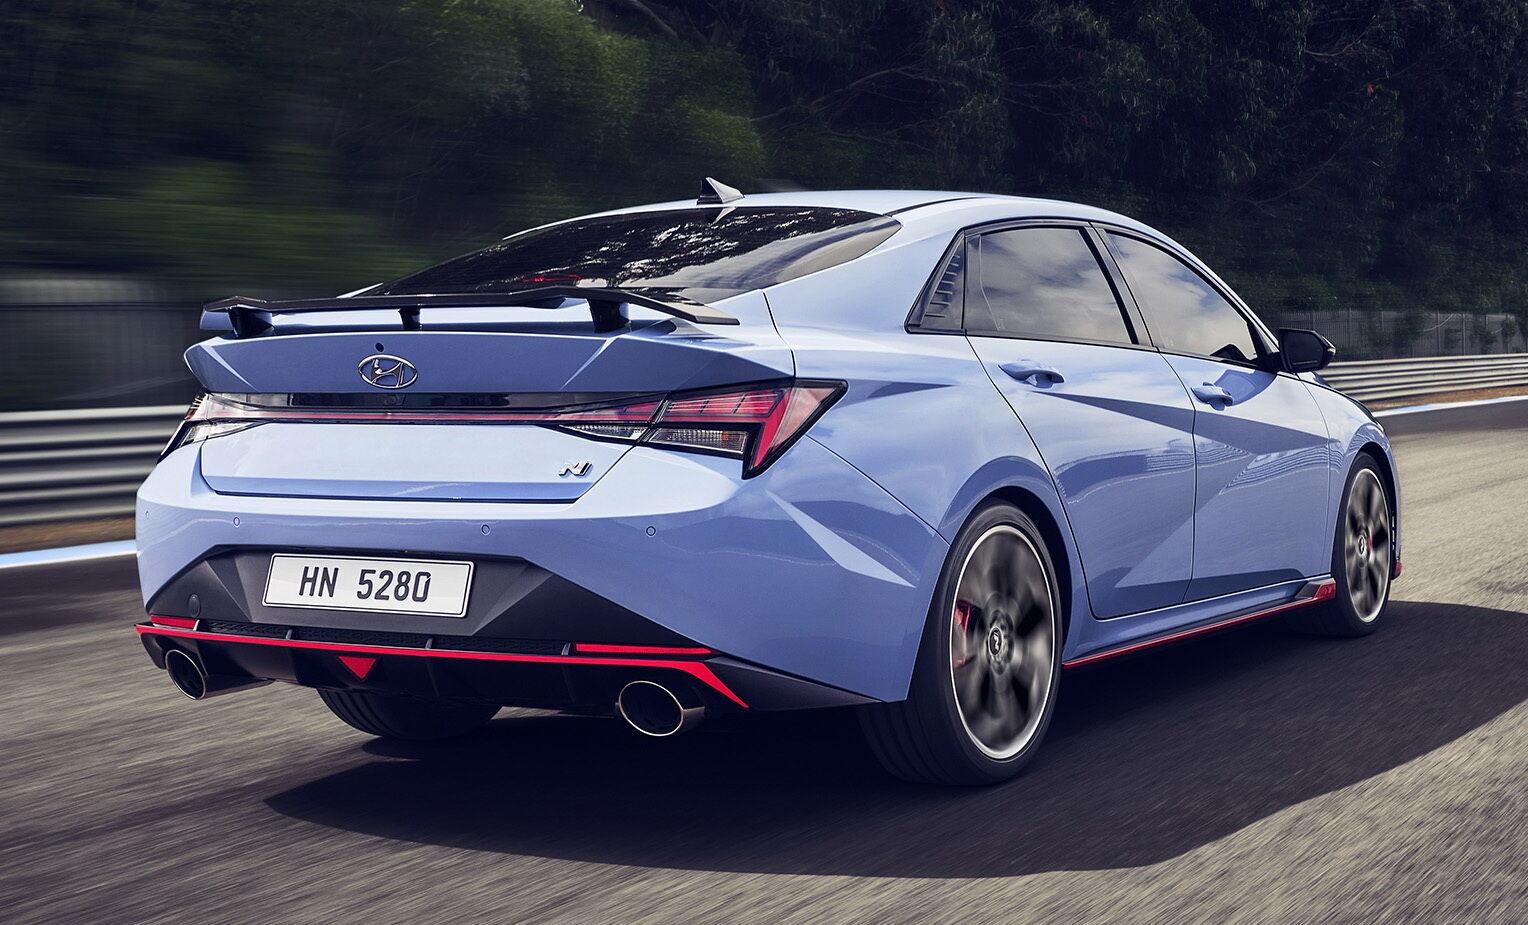 Hyundai Elantra N выделяется эффектным дизайном с собственным аэродинамическим обвесом